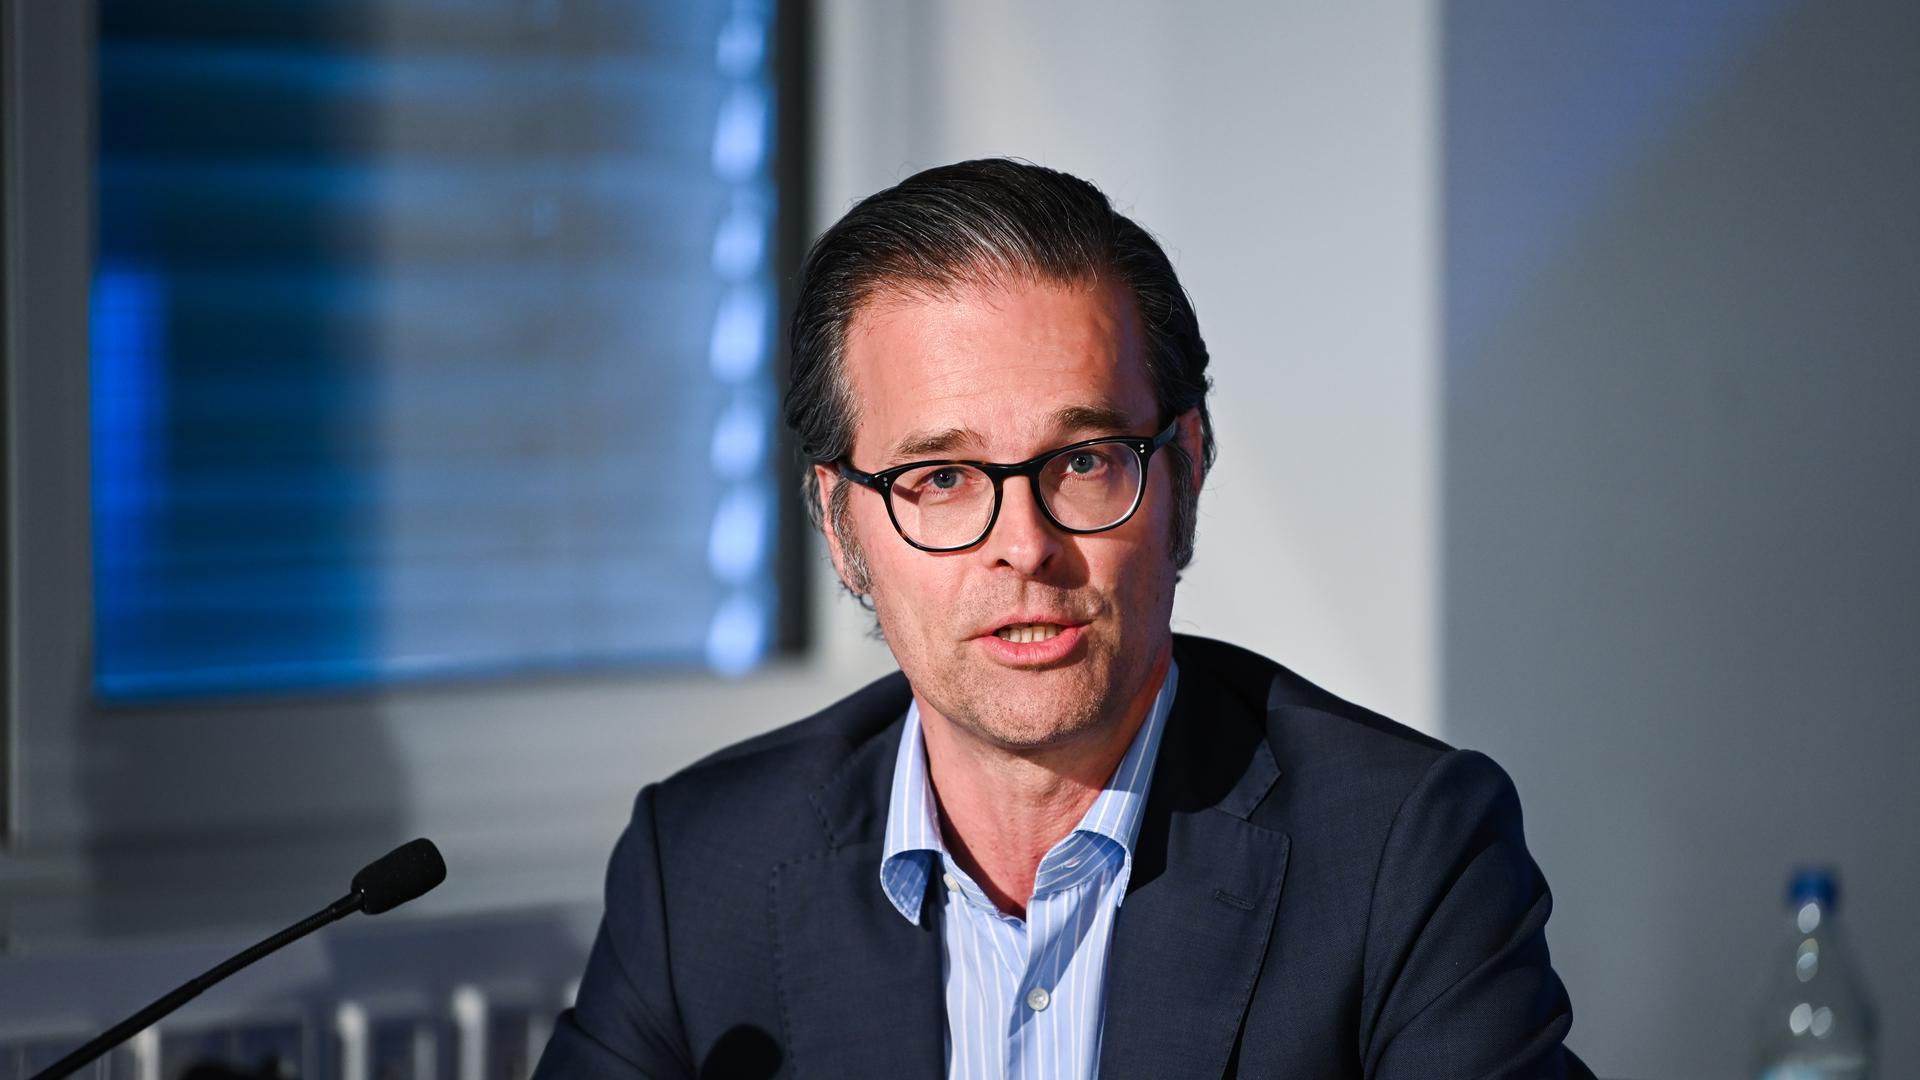 Holger Siegmund-Schultze